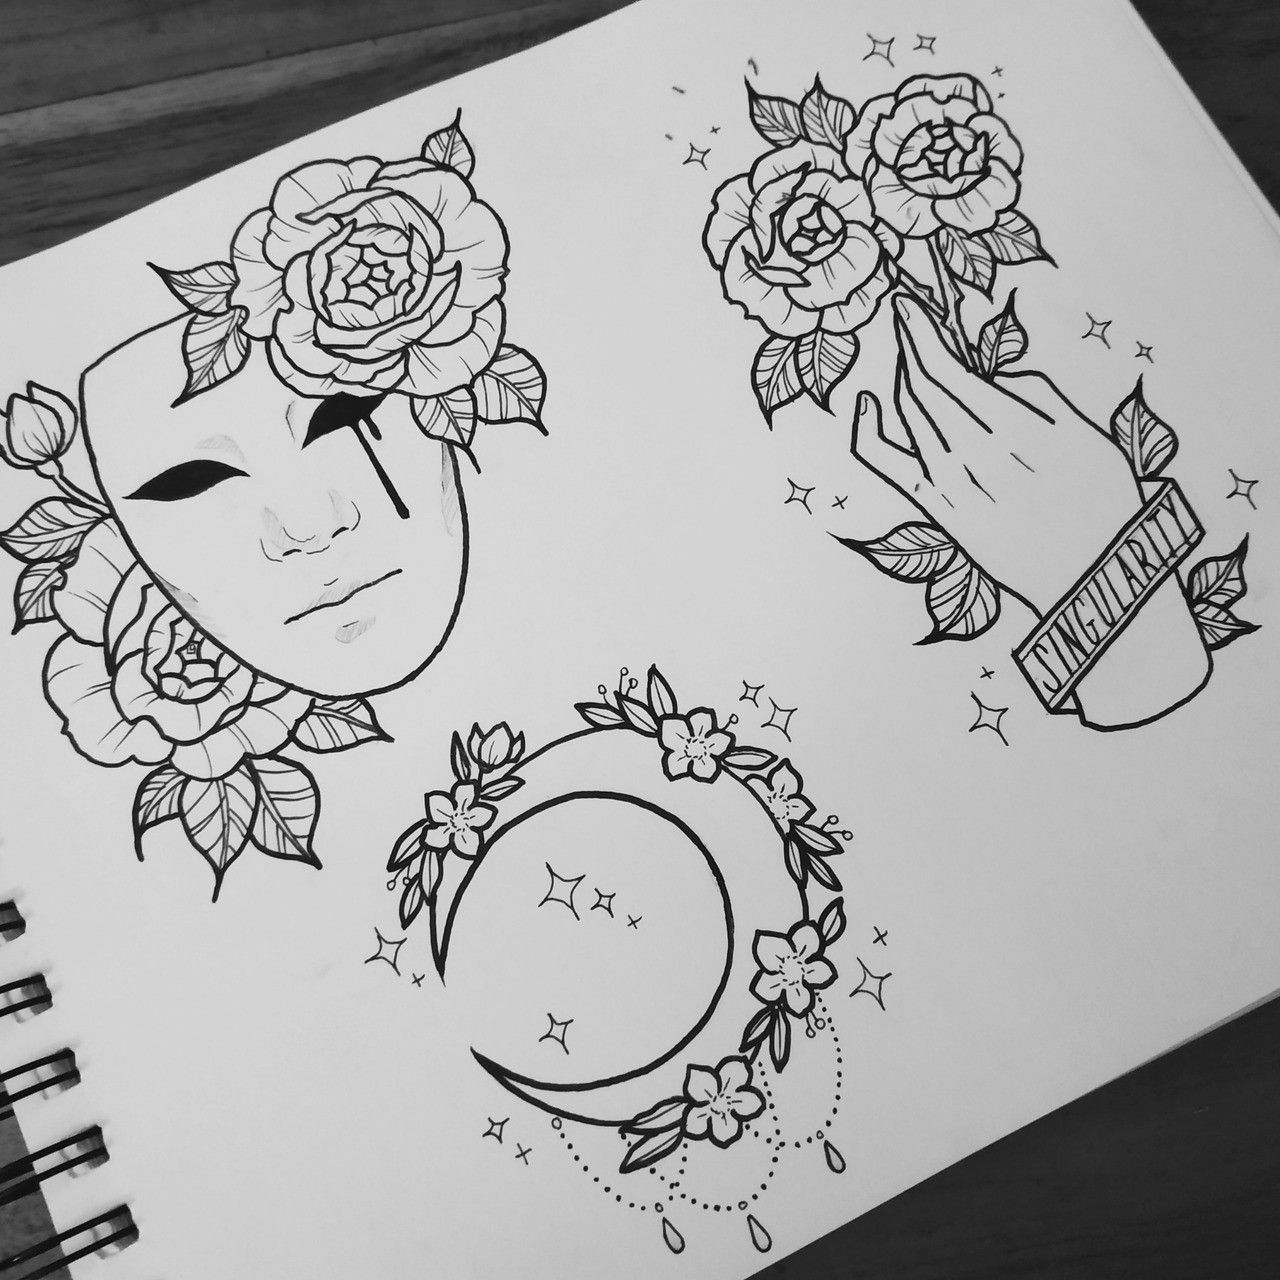 Картинки эскизы для срисовки в скетчбук